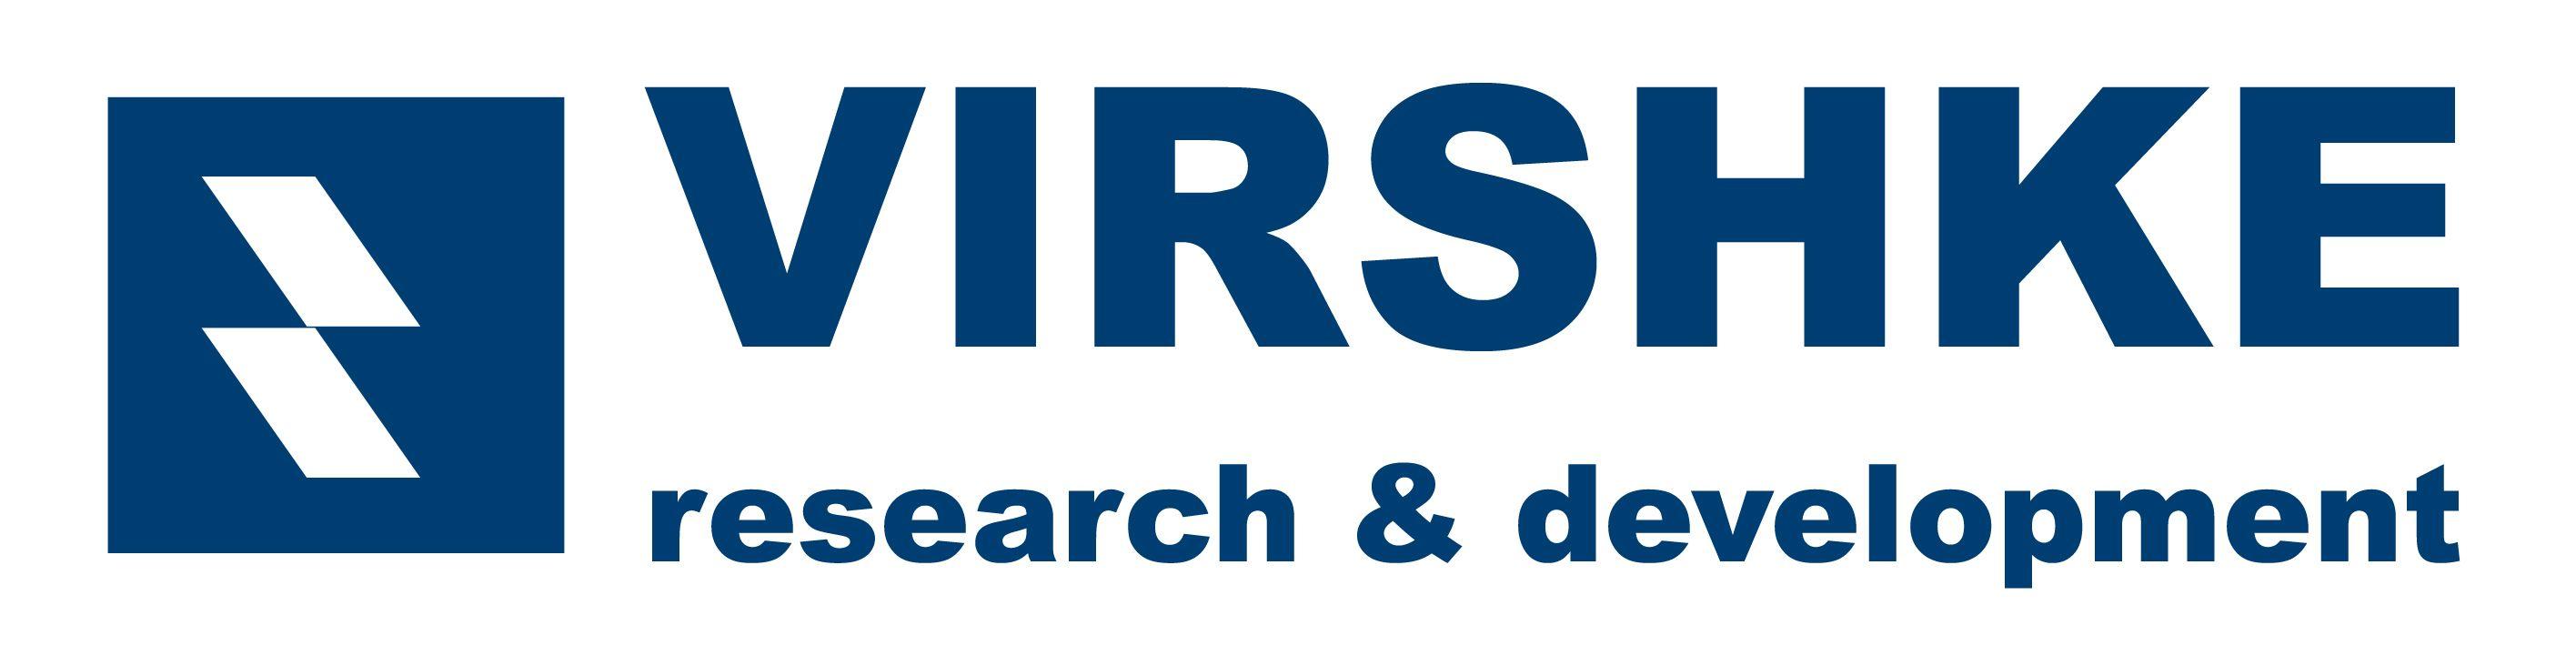 VIRSHKE Research & Development